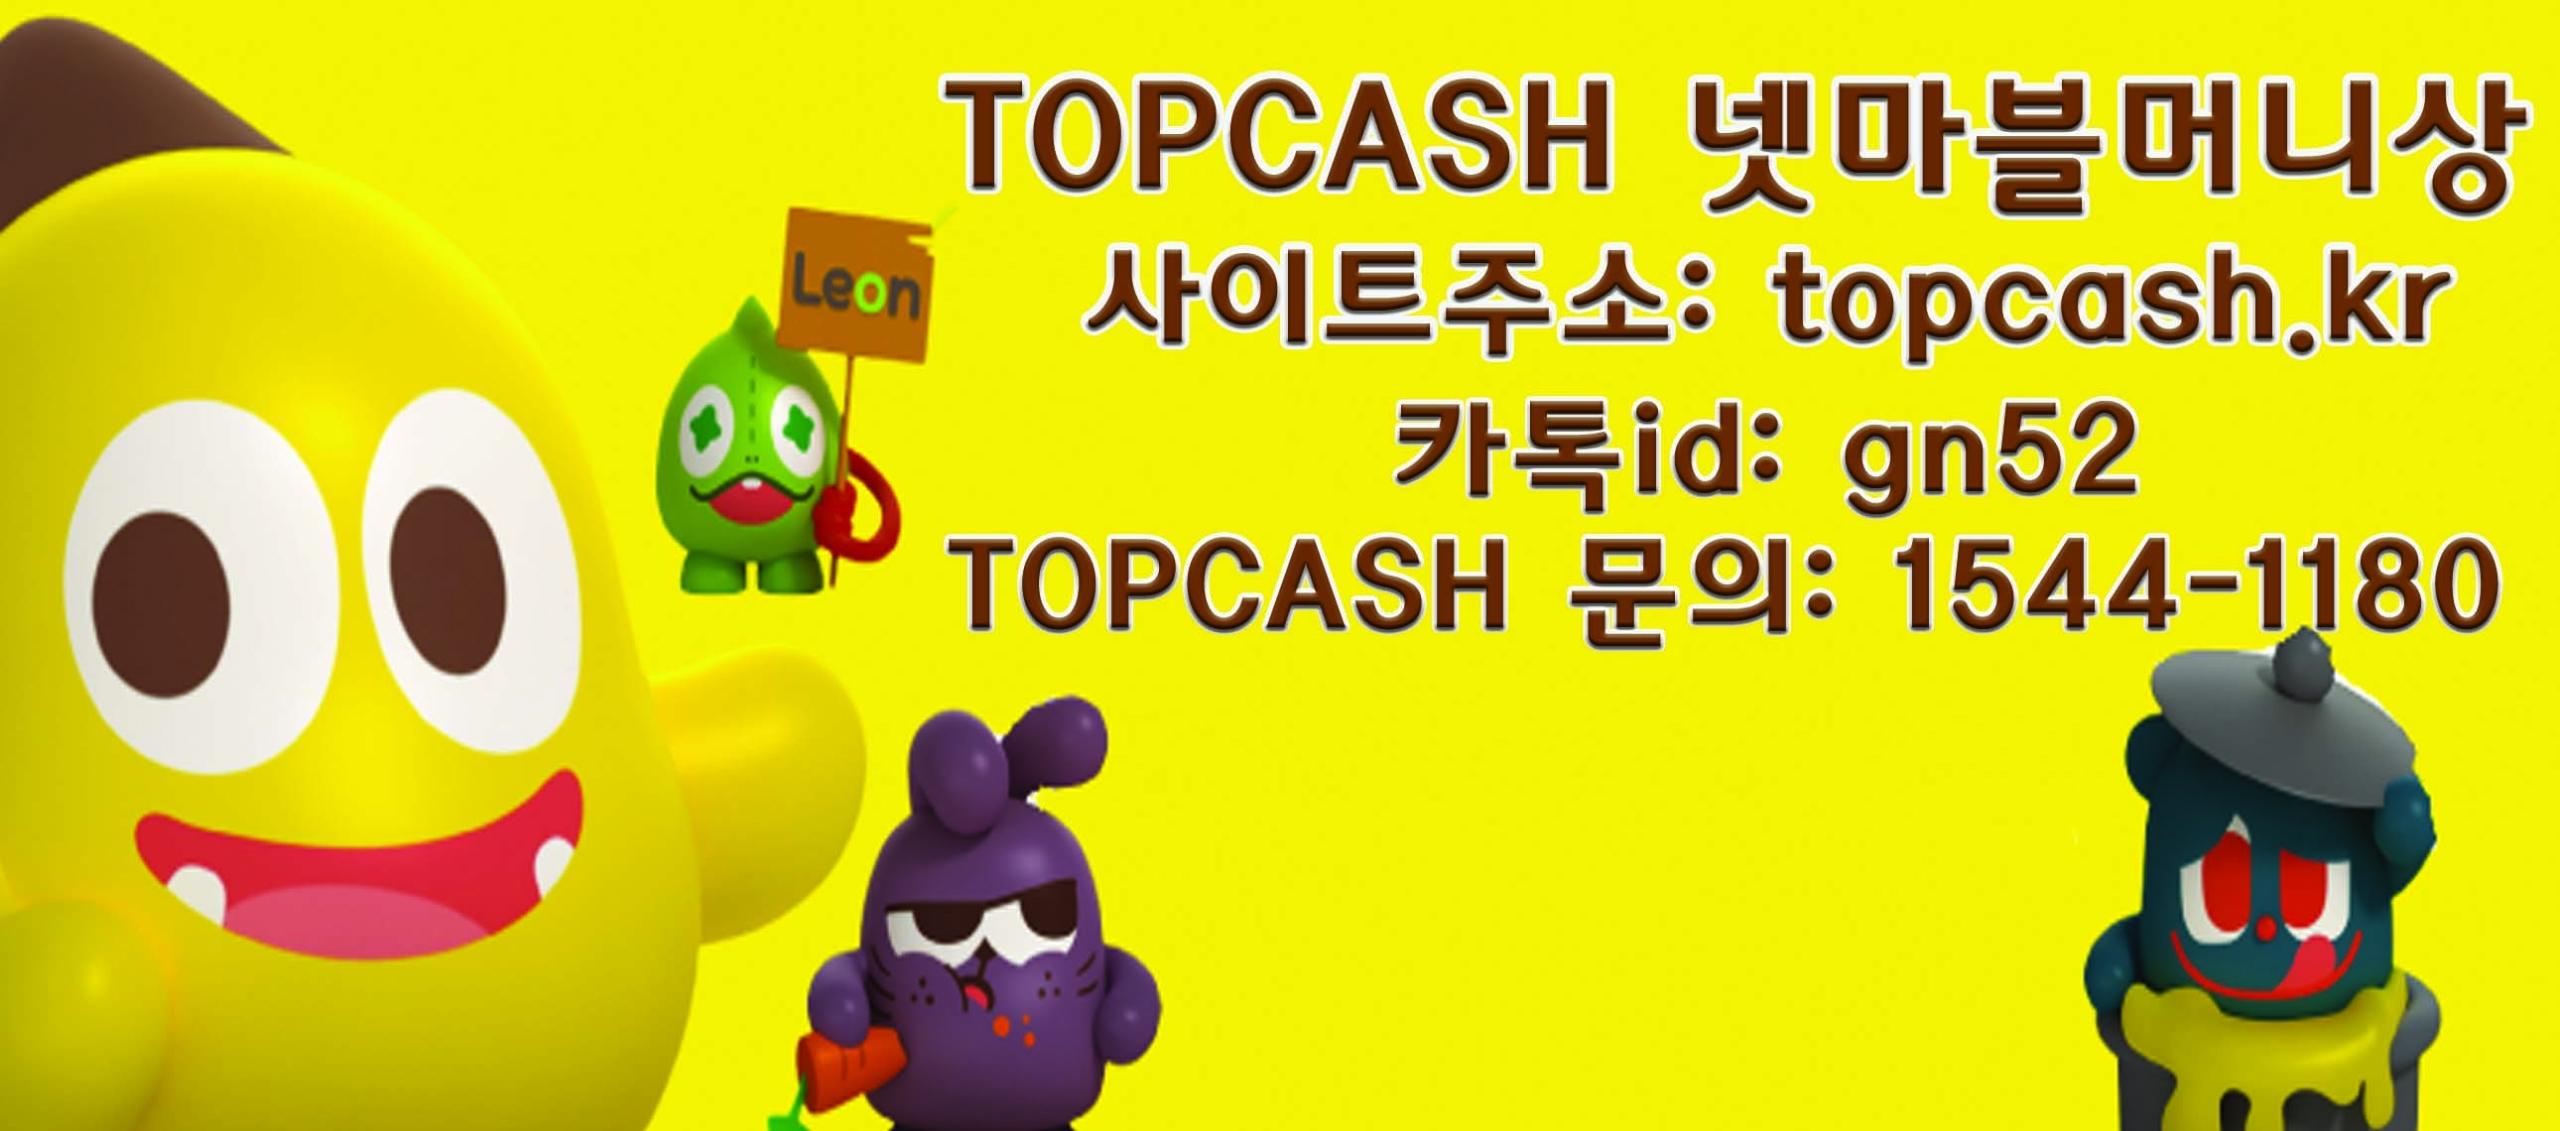 넷마블골드판매  TOPCASH닷kr (@sptakqmf05) Cover Image